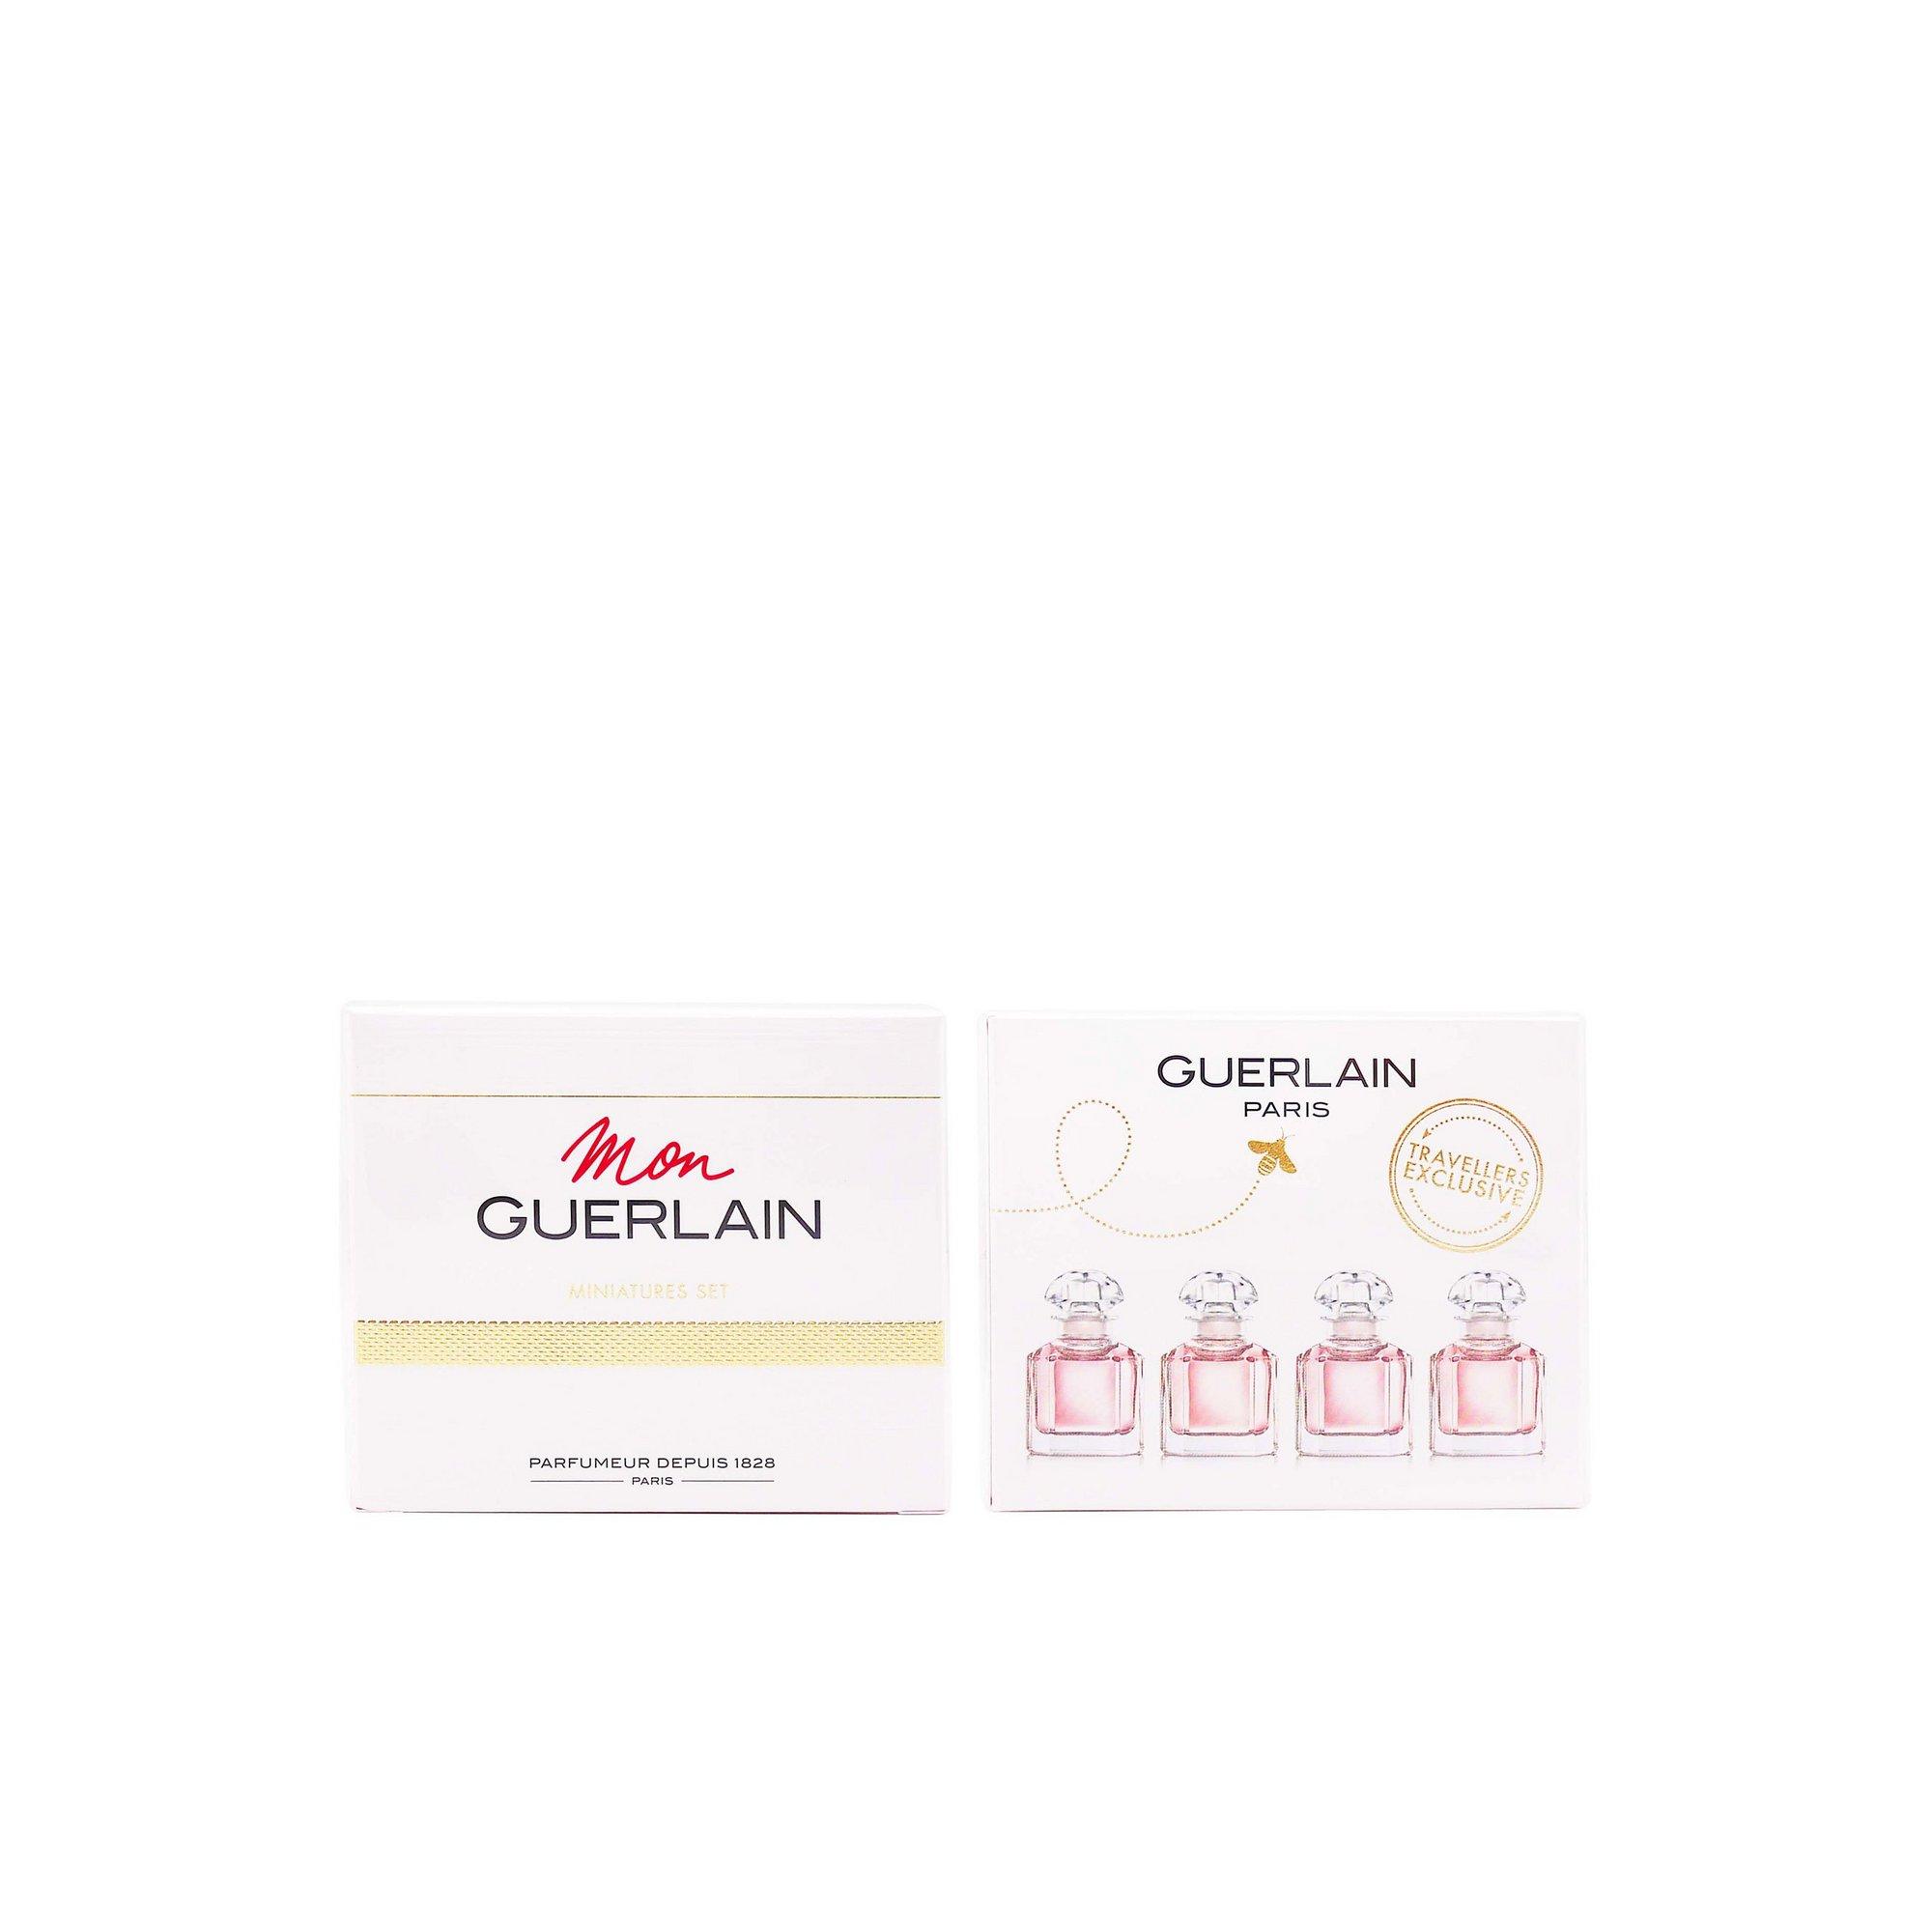 Image of Mon Guerlain Miniature 5ml EDP Fragrance Set